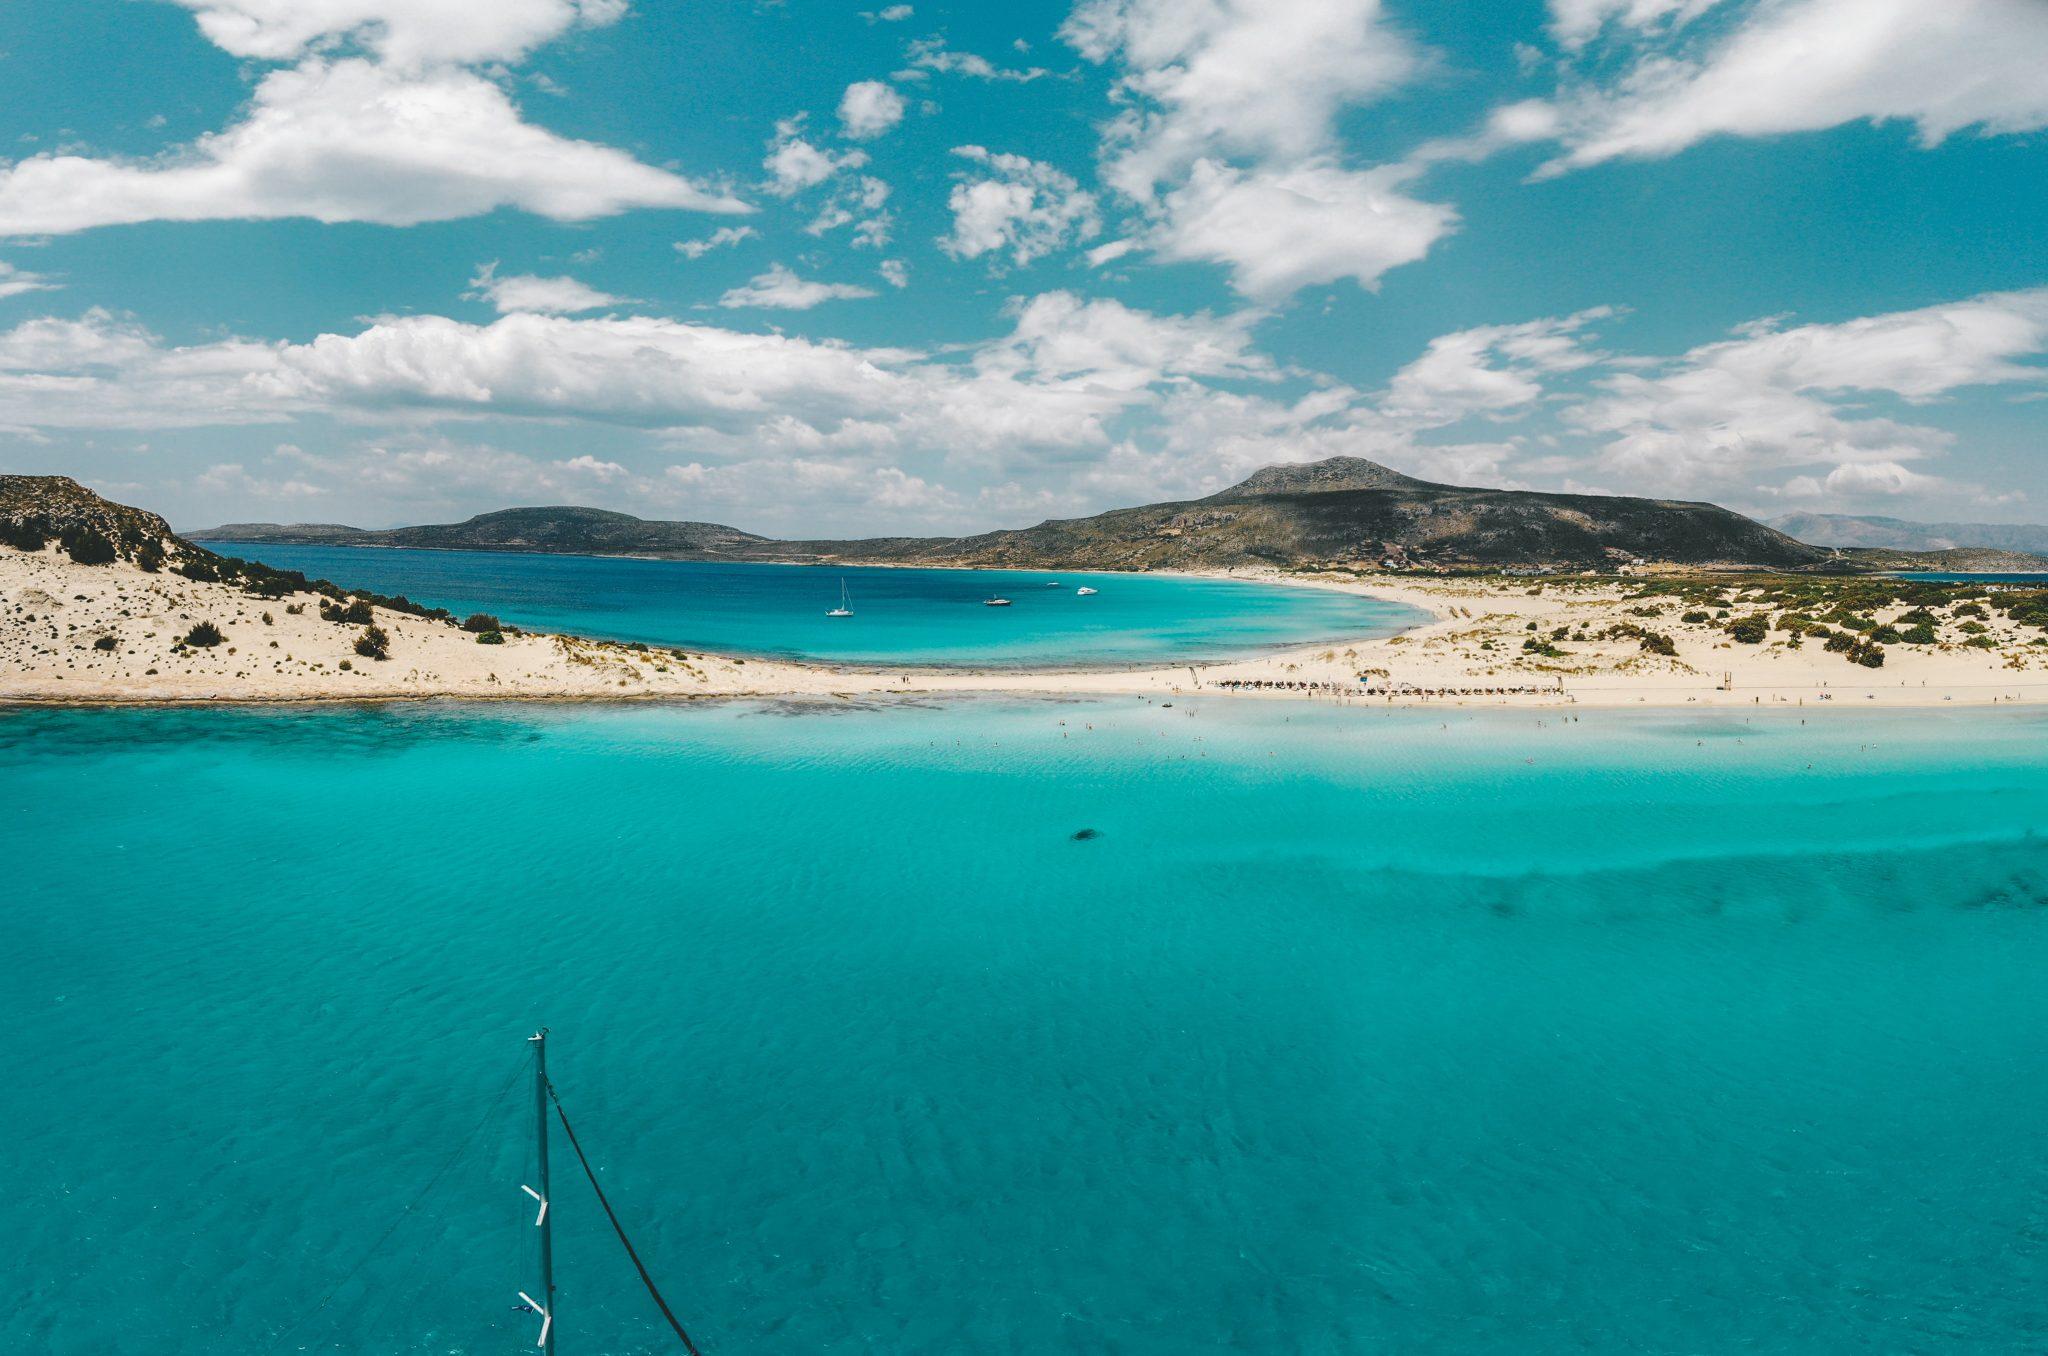 Ελαφόνησος: Οι τρεις παραλίες που πρέπει να δεις έστω μία φορά στη ζωή σου